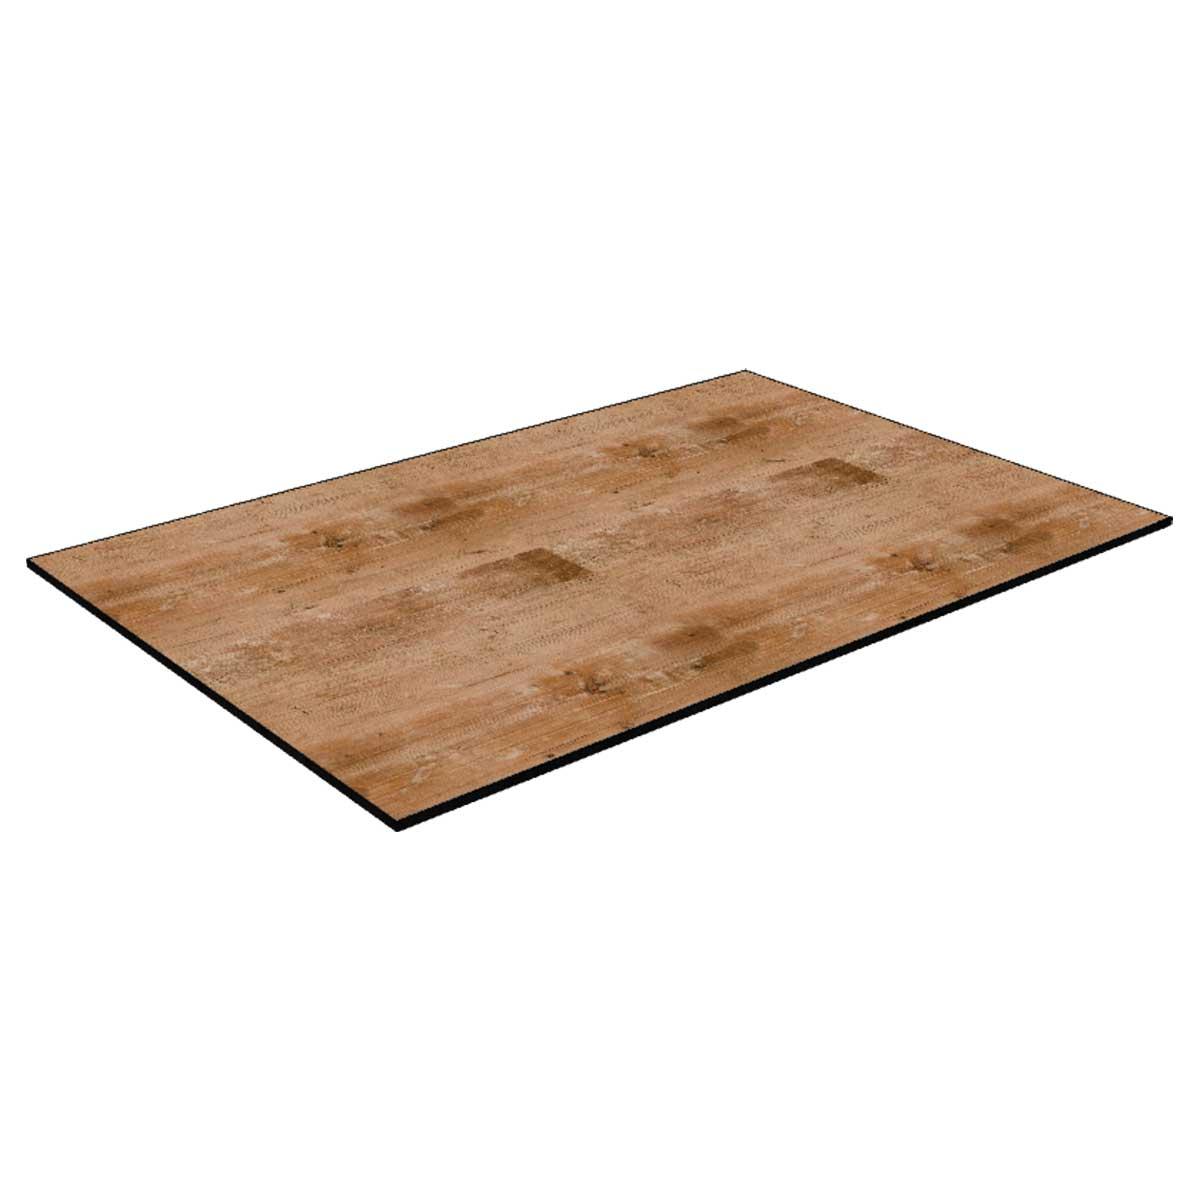 TICAR E120X80 295 - https://www.werzalit.com/fr/produit/plateau-de-table-carino-e-100x60-epaisseur-du-plateau-de-la-table-12mm-decor-295-findus/